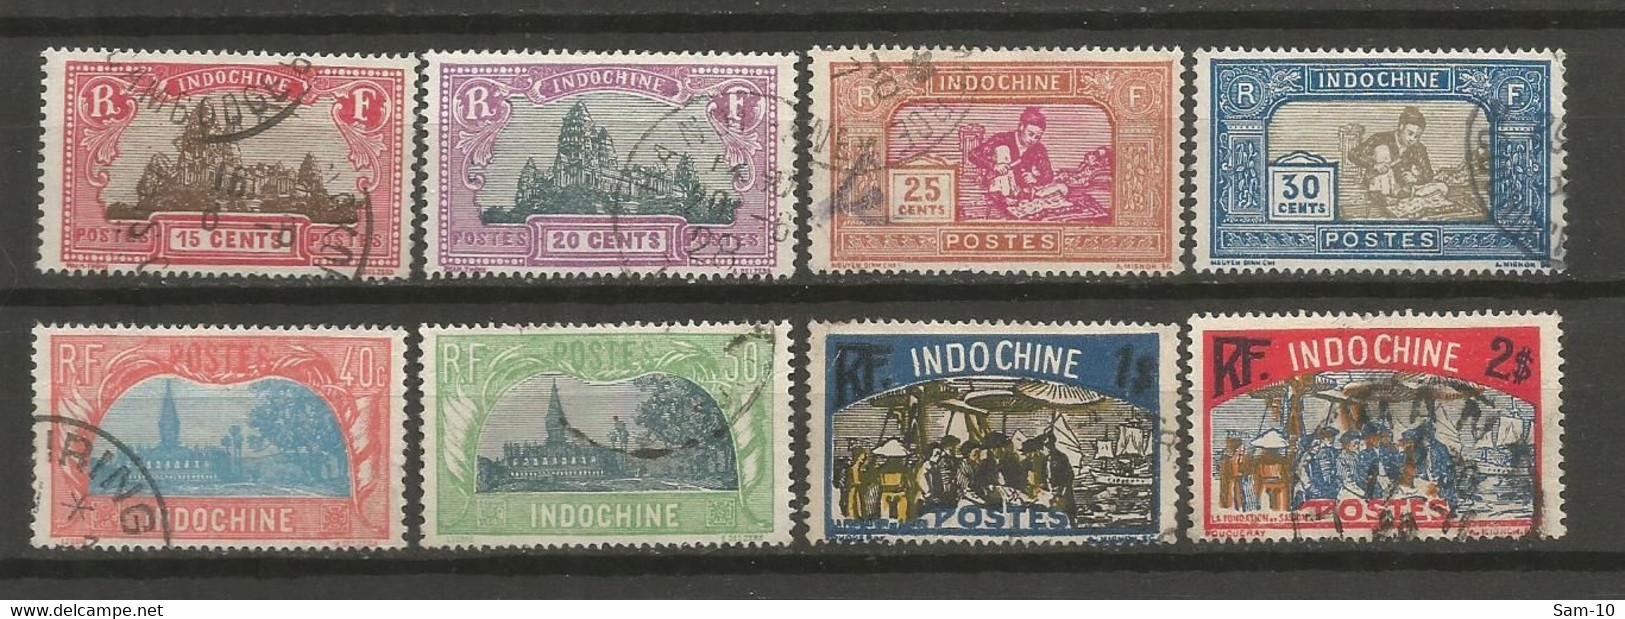 Timbre De Colonie Française Indochine Oblitéré N 139 / 146 - Usati